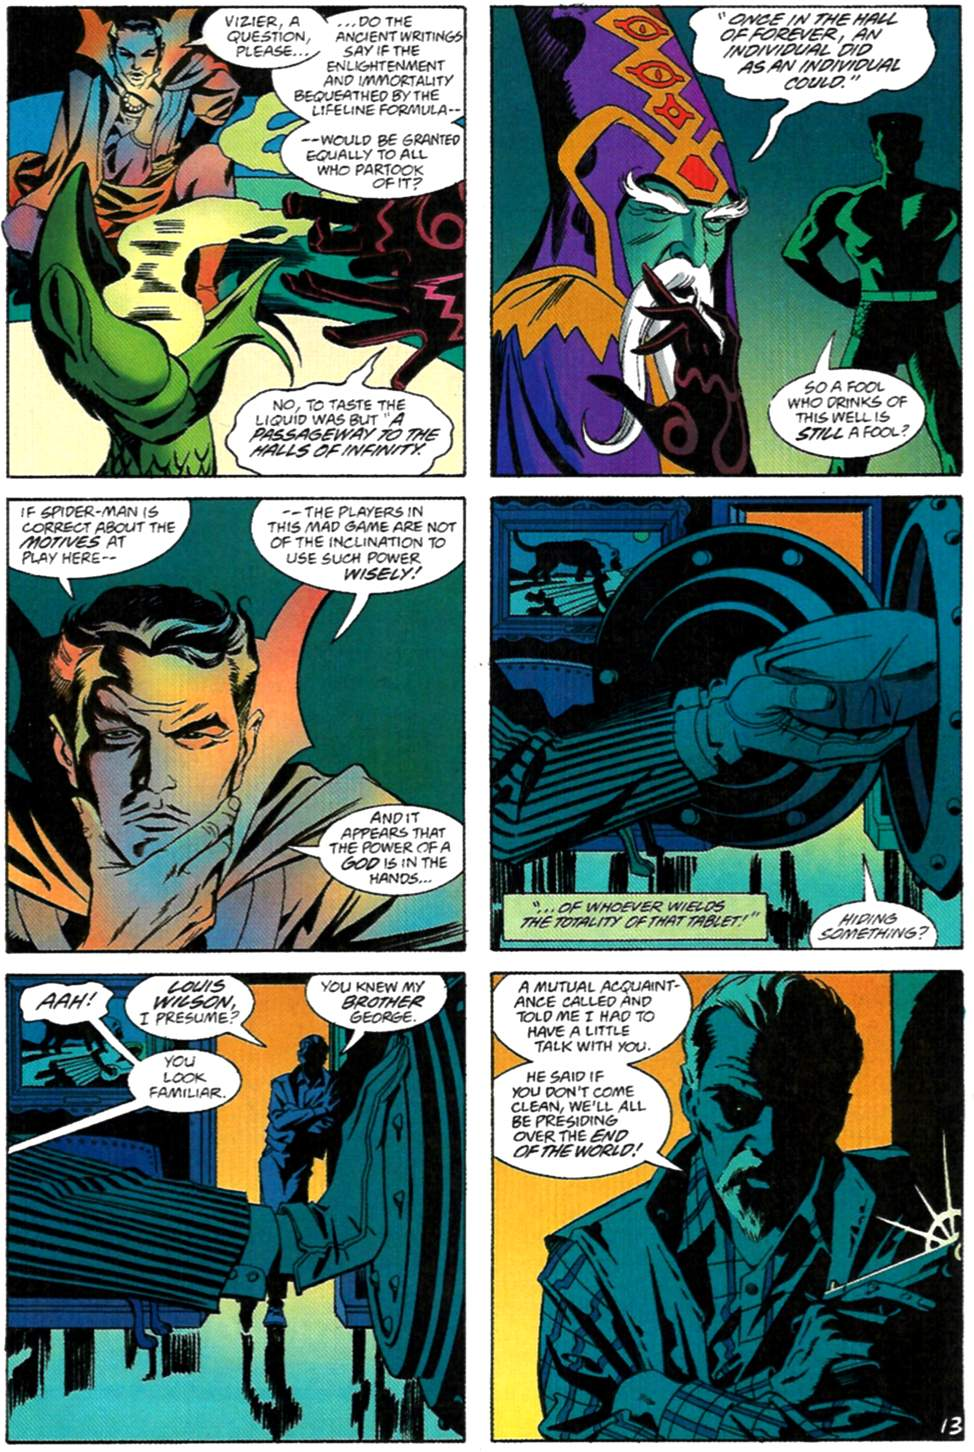 Read online Spider-Man: Lifeline comic -  Issue #2 - 14